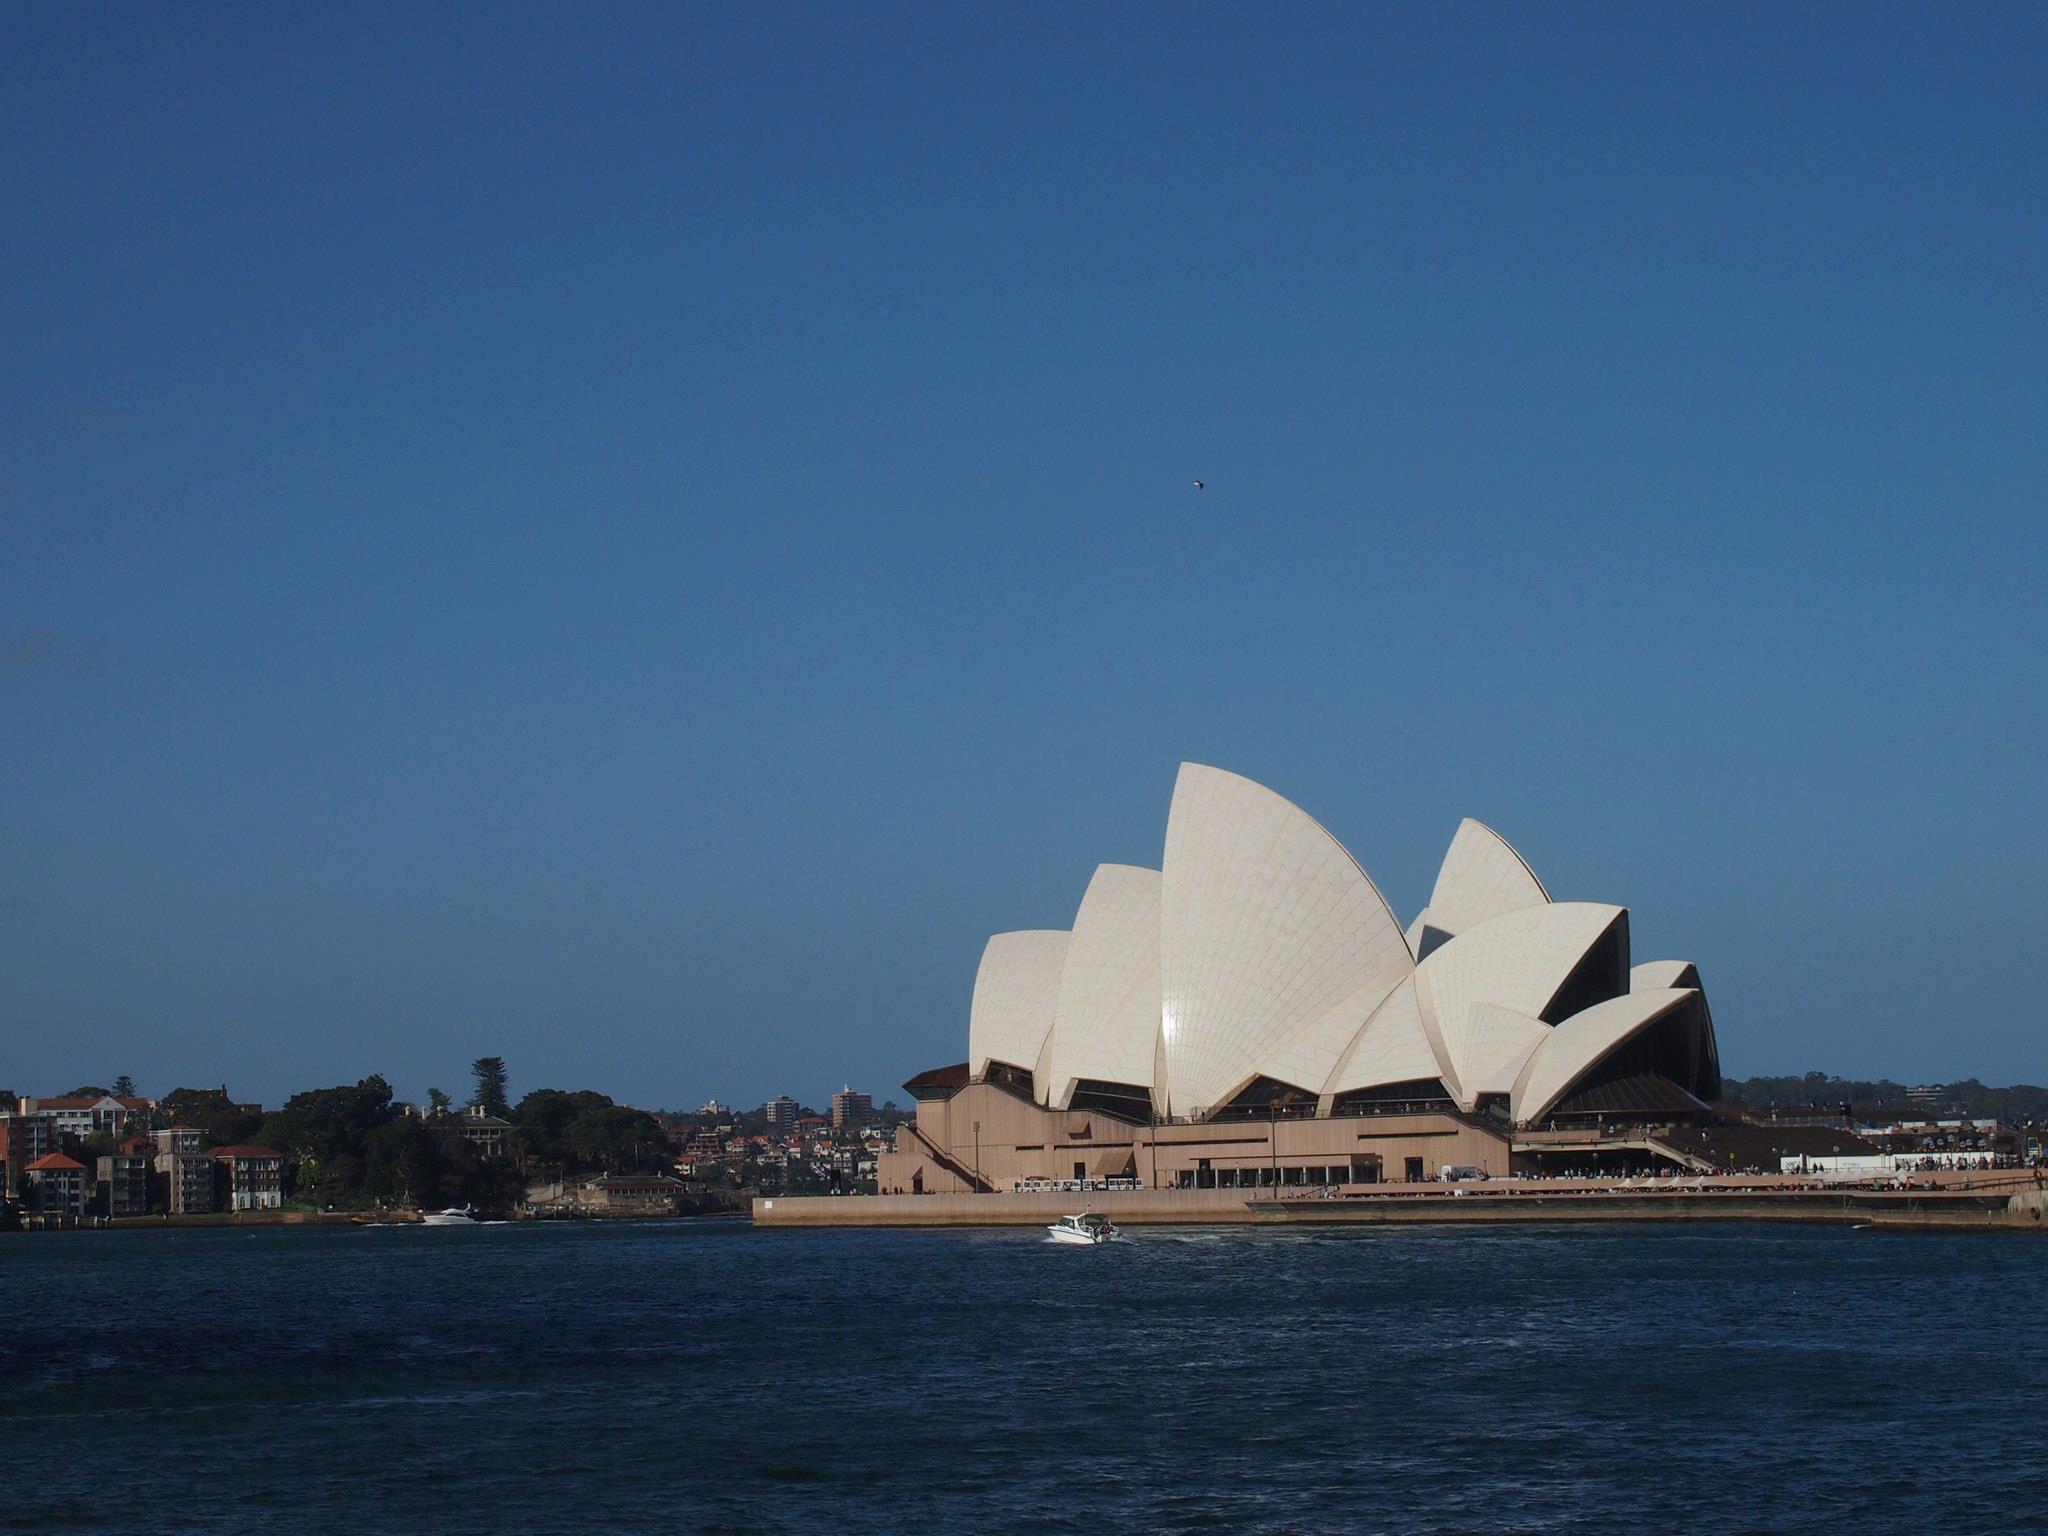 澳洲 悉尼 | 出走澳洲18天 2012